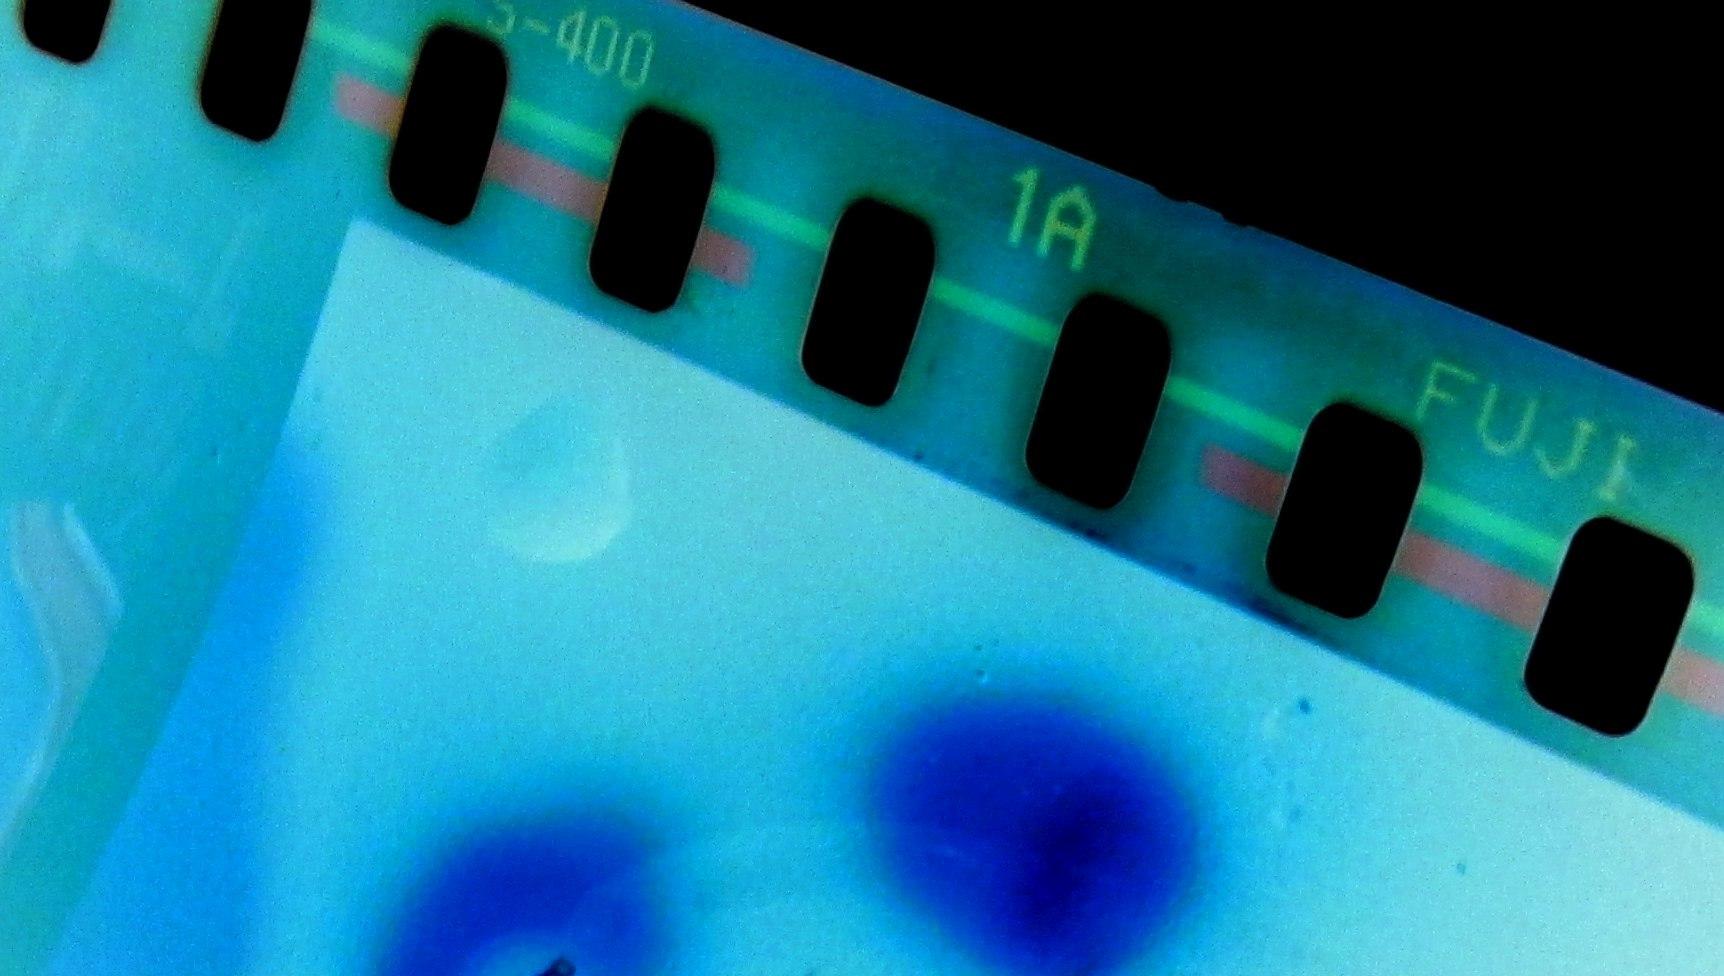 Inverted image of color film negative